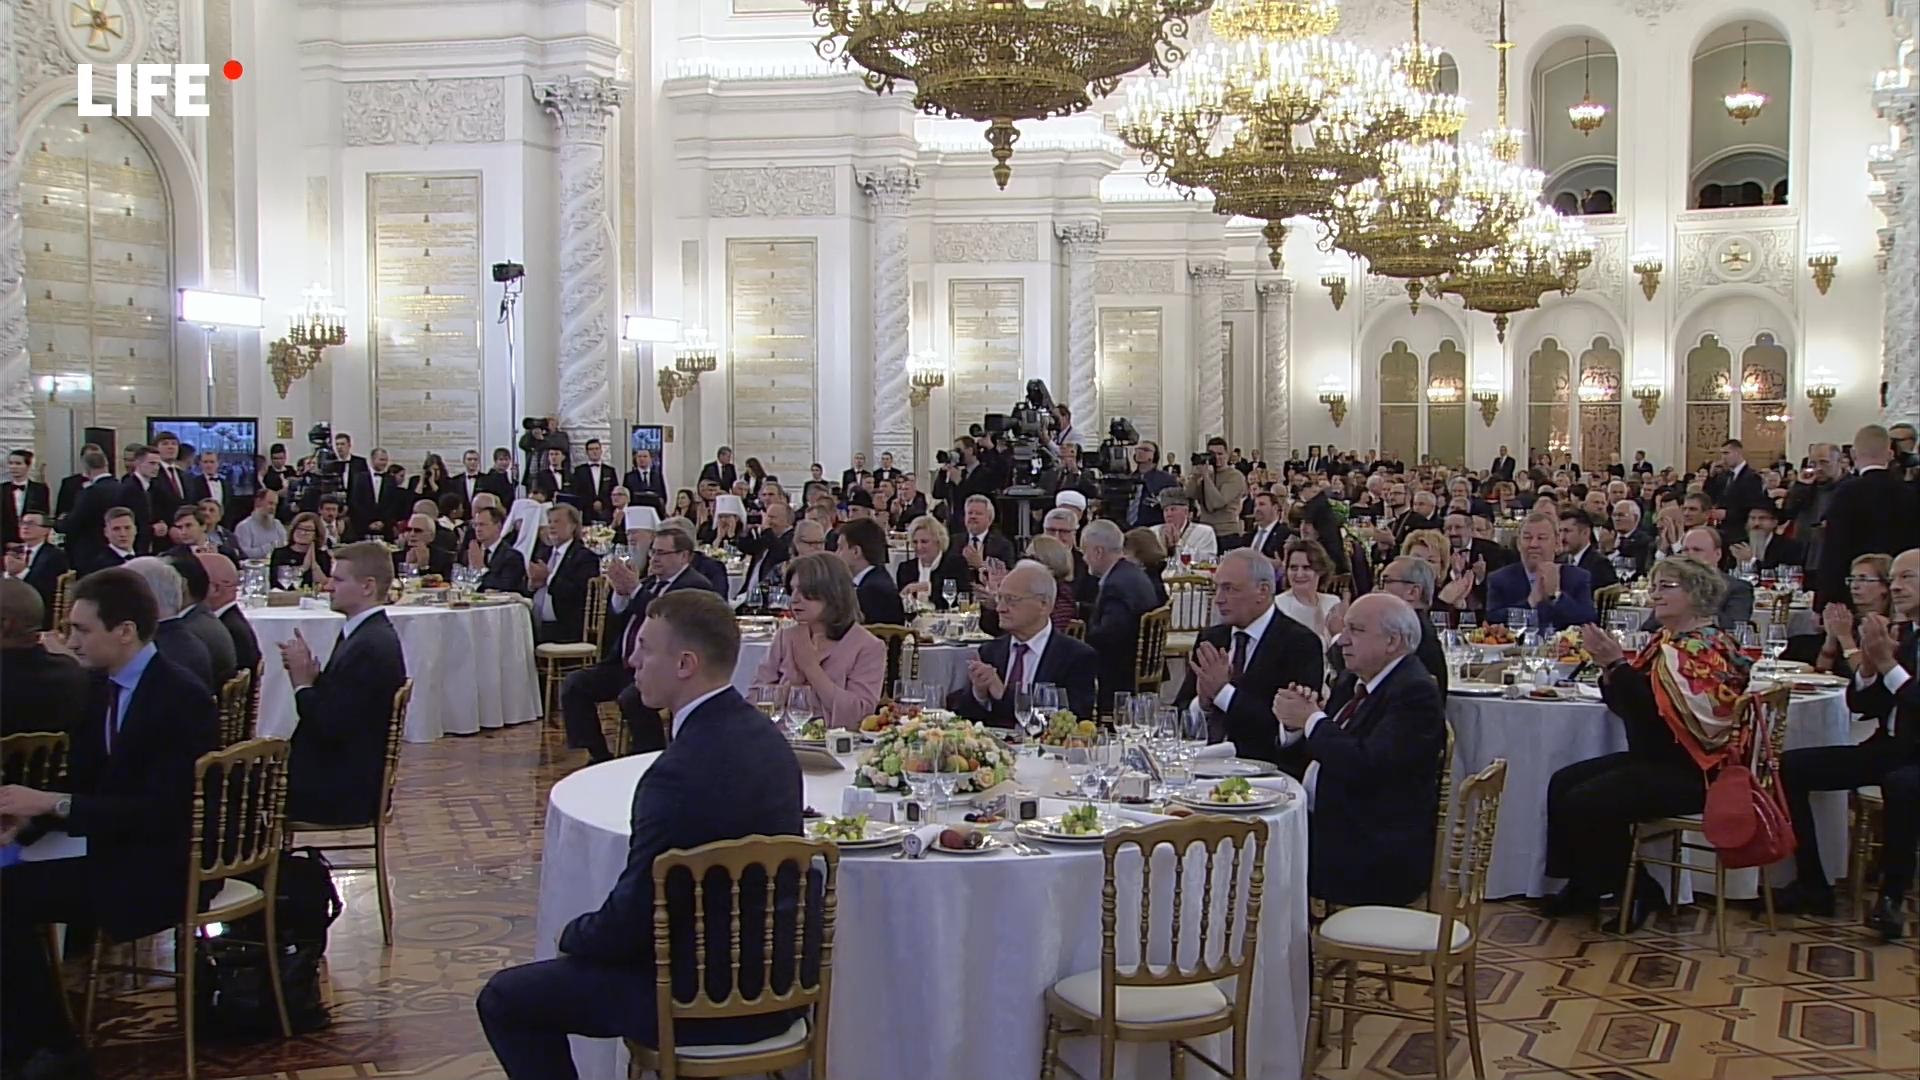 81-20191104-Прямая трансляция- Путин вручает госнаграды в День народного единства - «Life.ru» — информационный портал